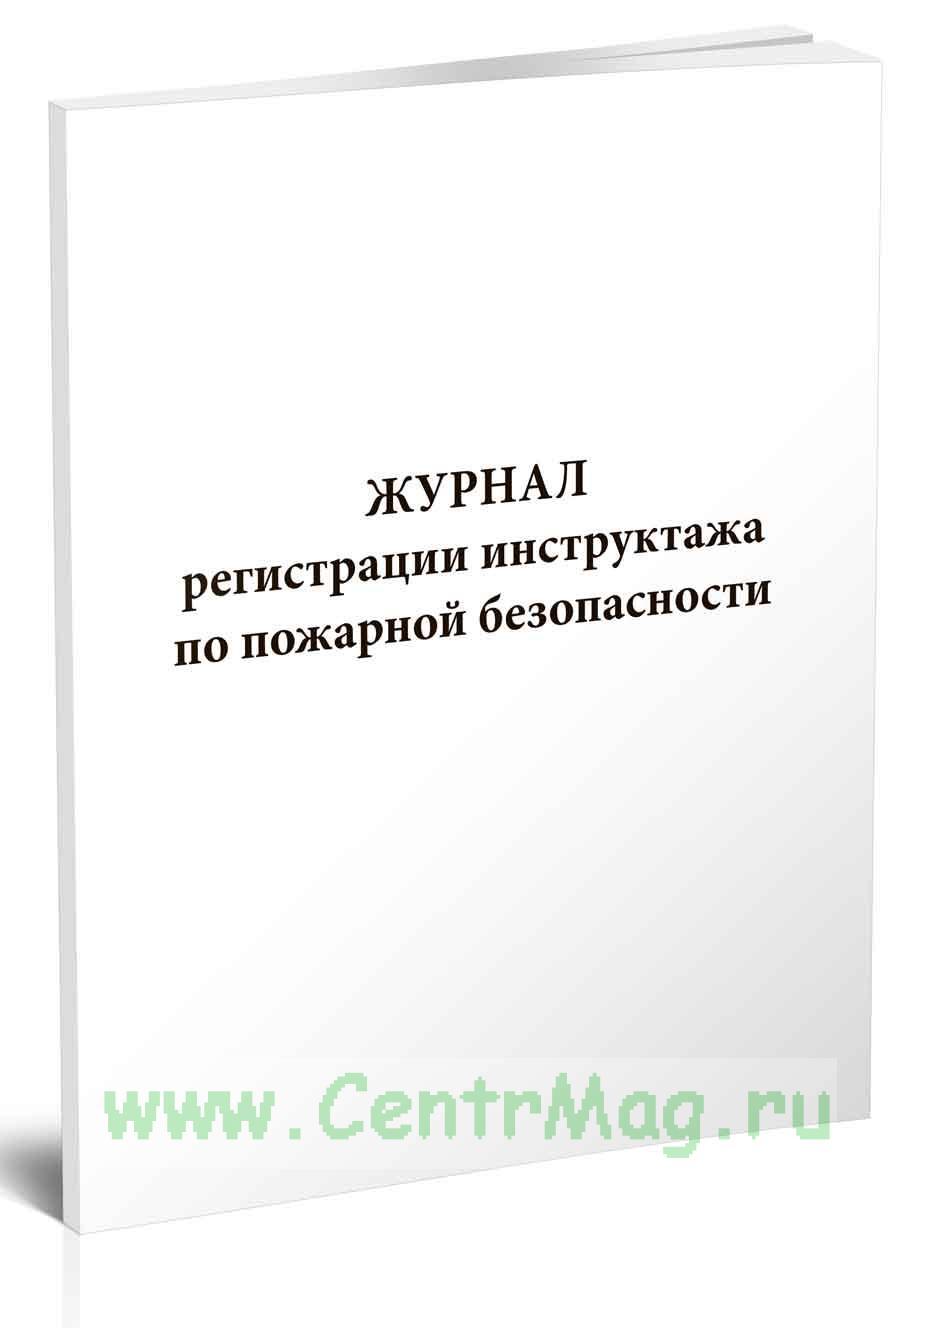 Журнал регистрации инструктажа по пожарной безопасности